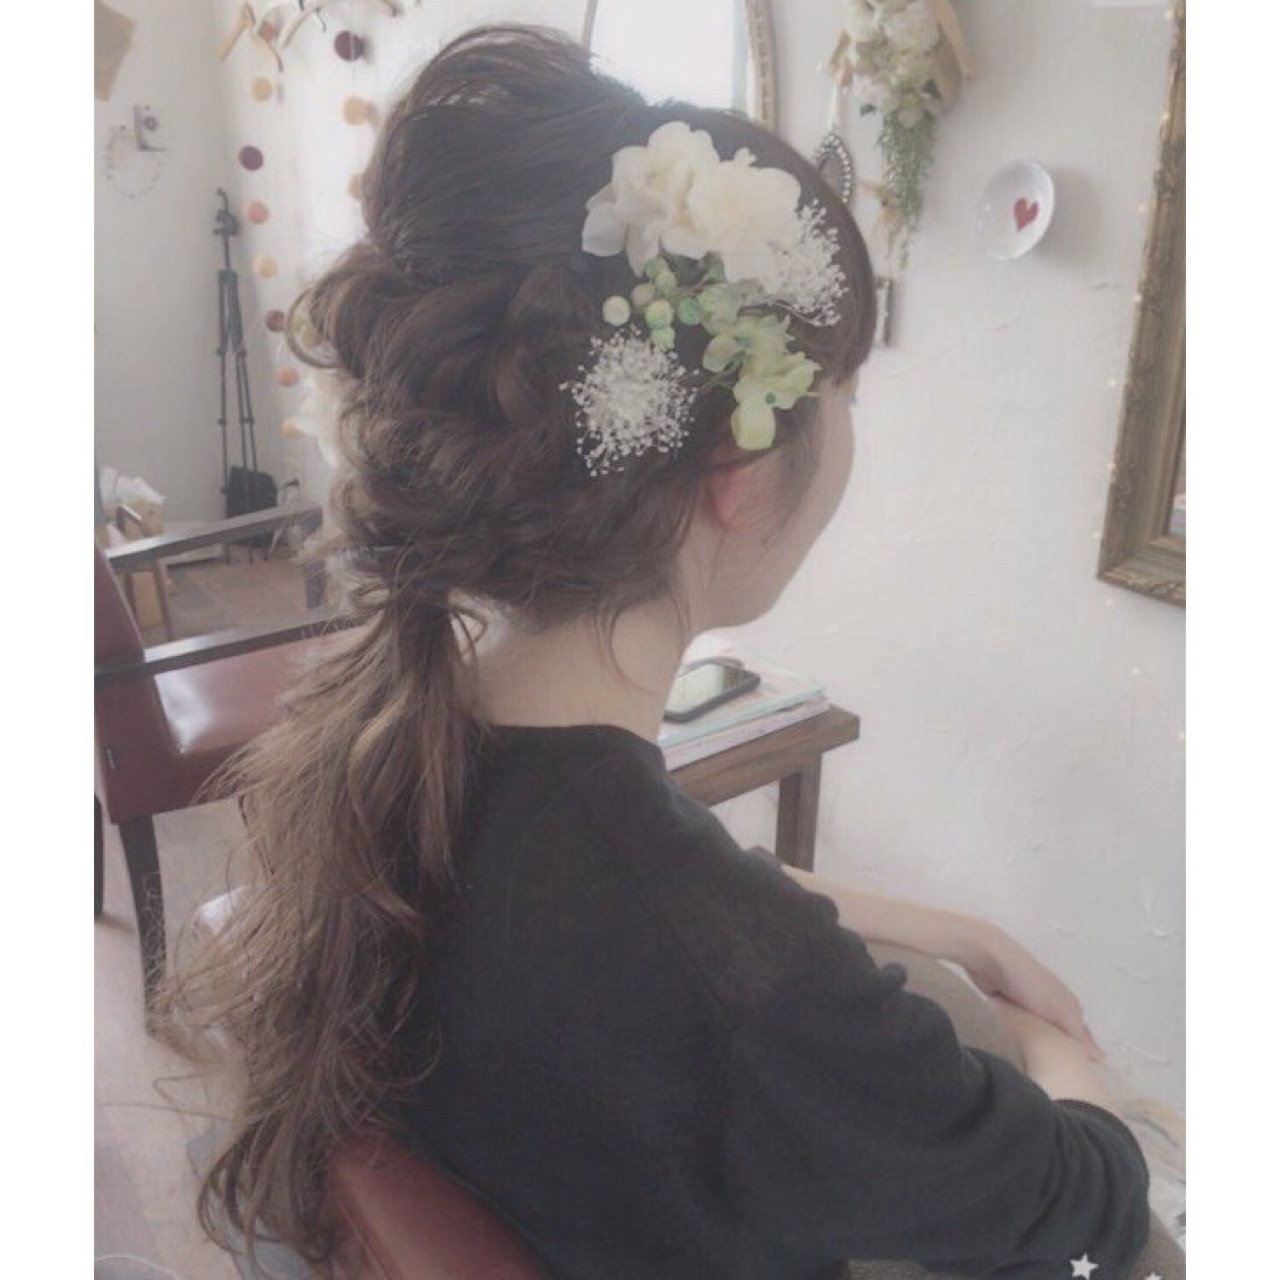 編み込み×三つ編みポニーアレンジ 川内道子 instagram→michiko_k